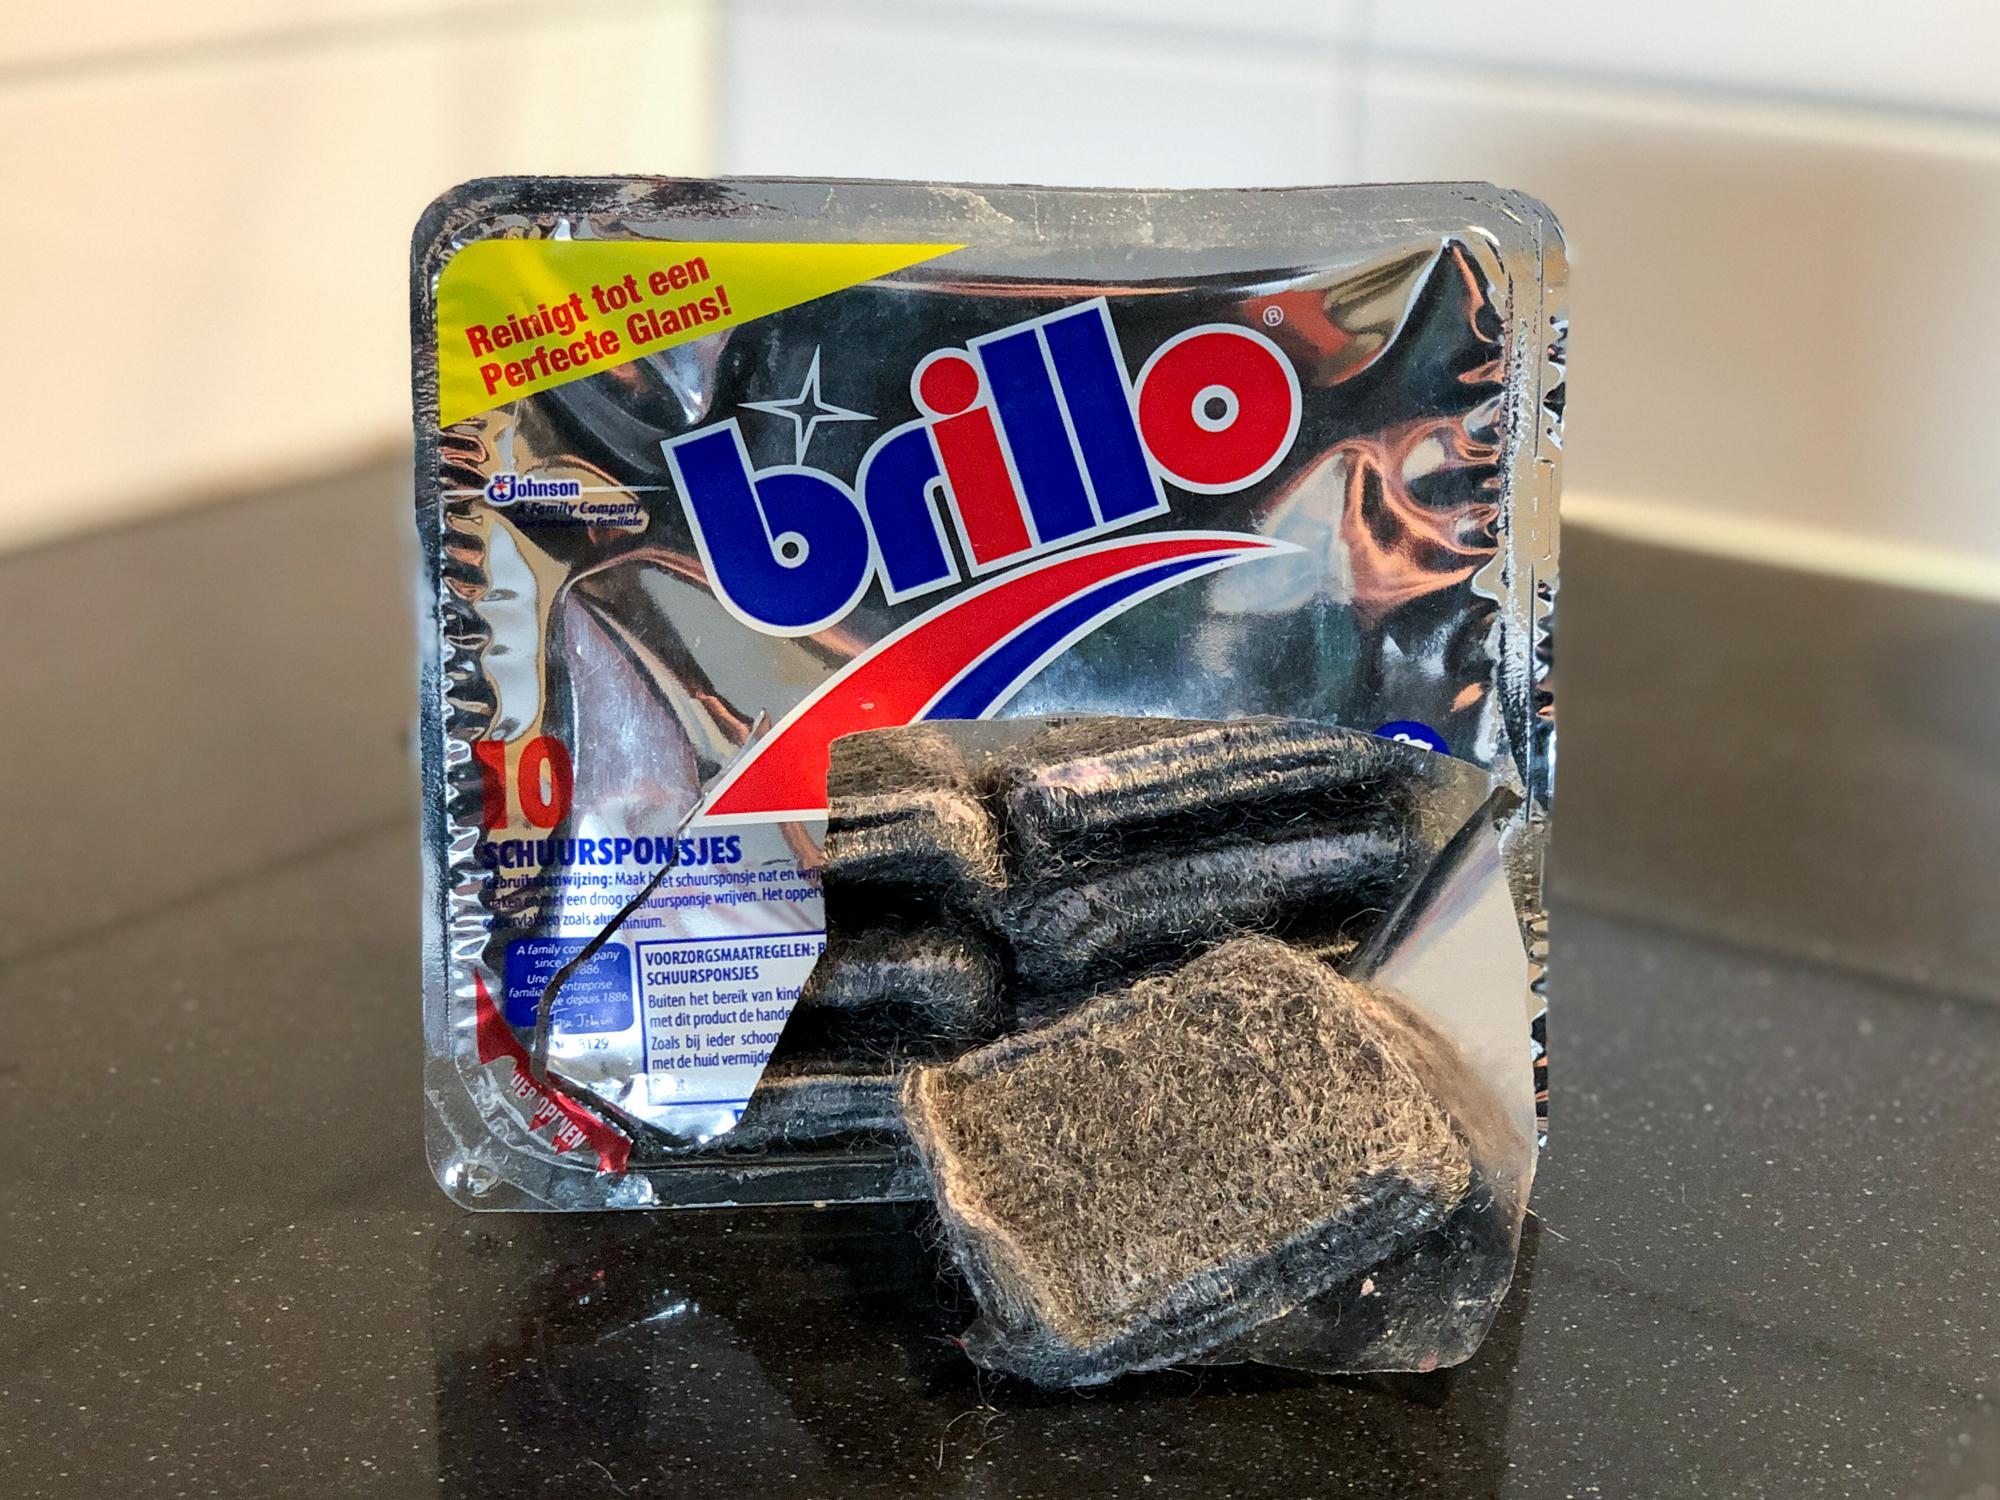 Brillo staalwolspons met zeep